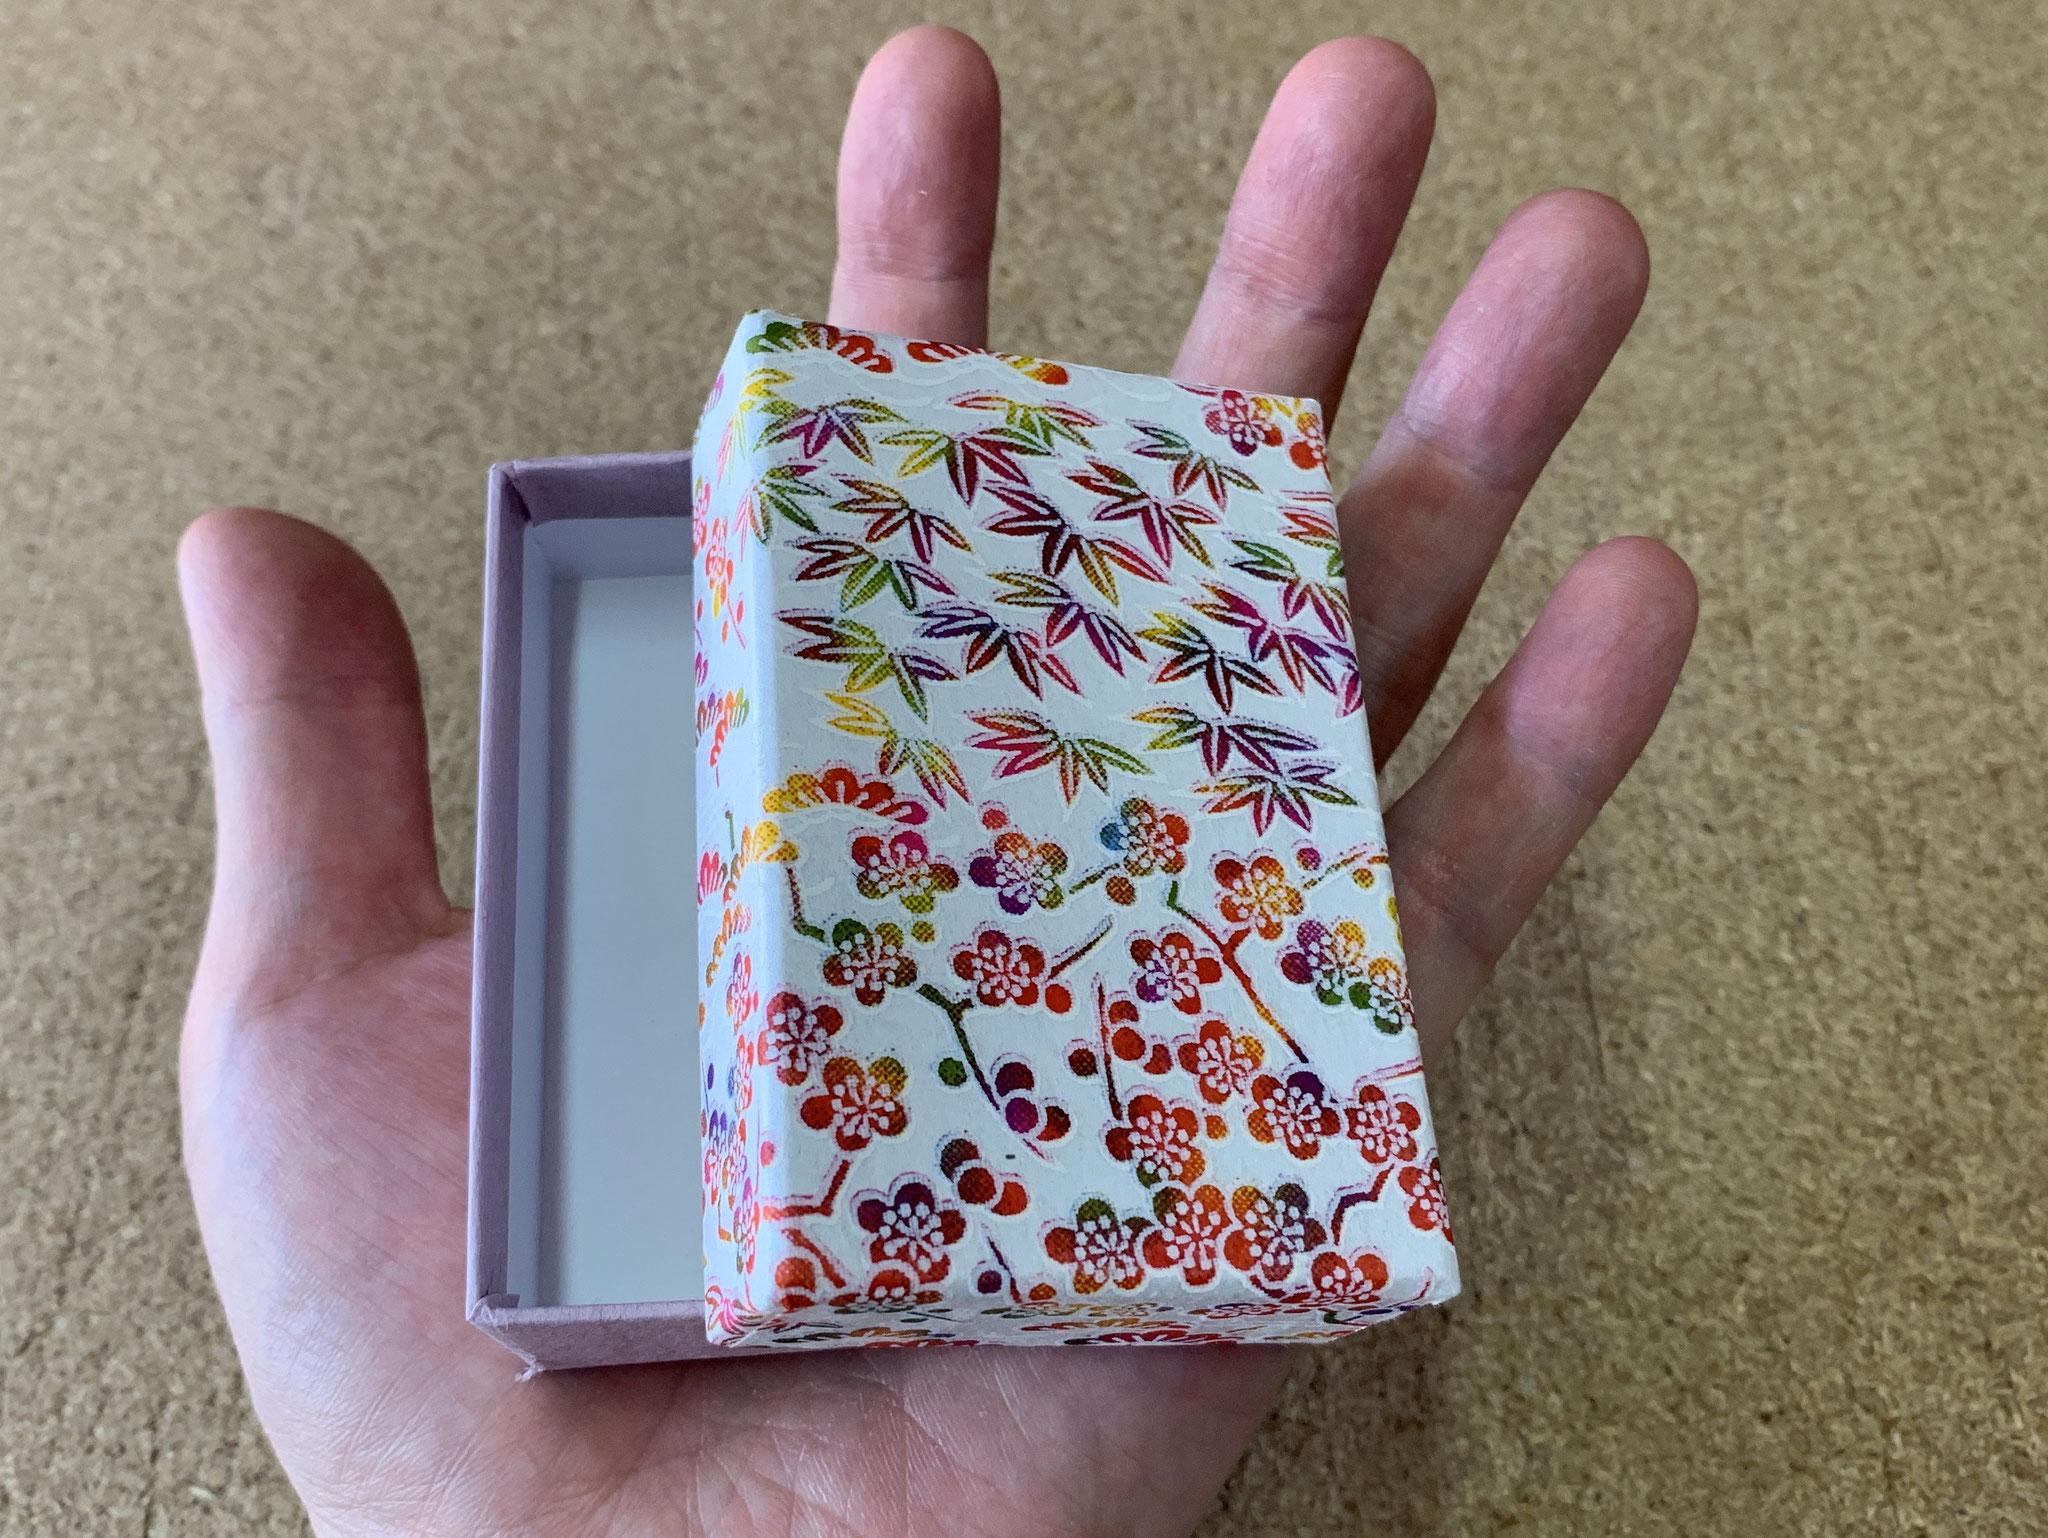 商品用の貼り箱を千代紙と民芸紙の組み合わせで5種類別注で作製しました